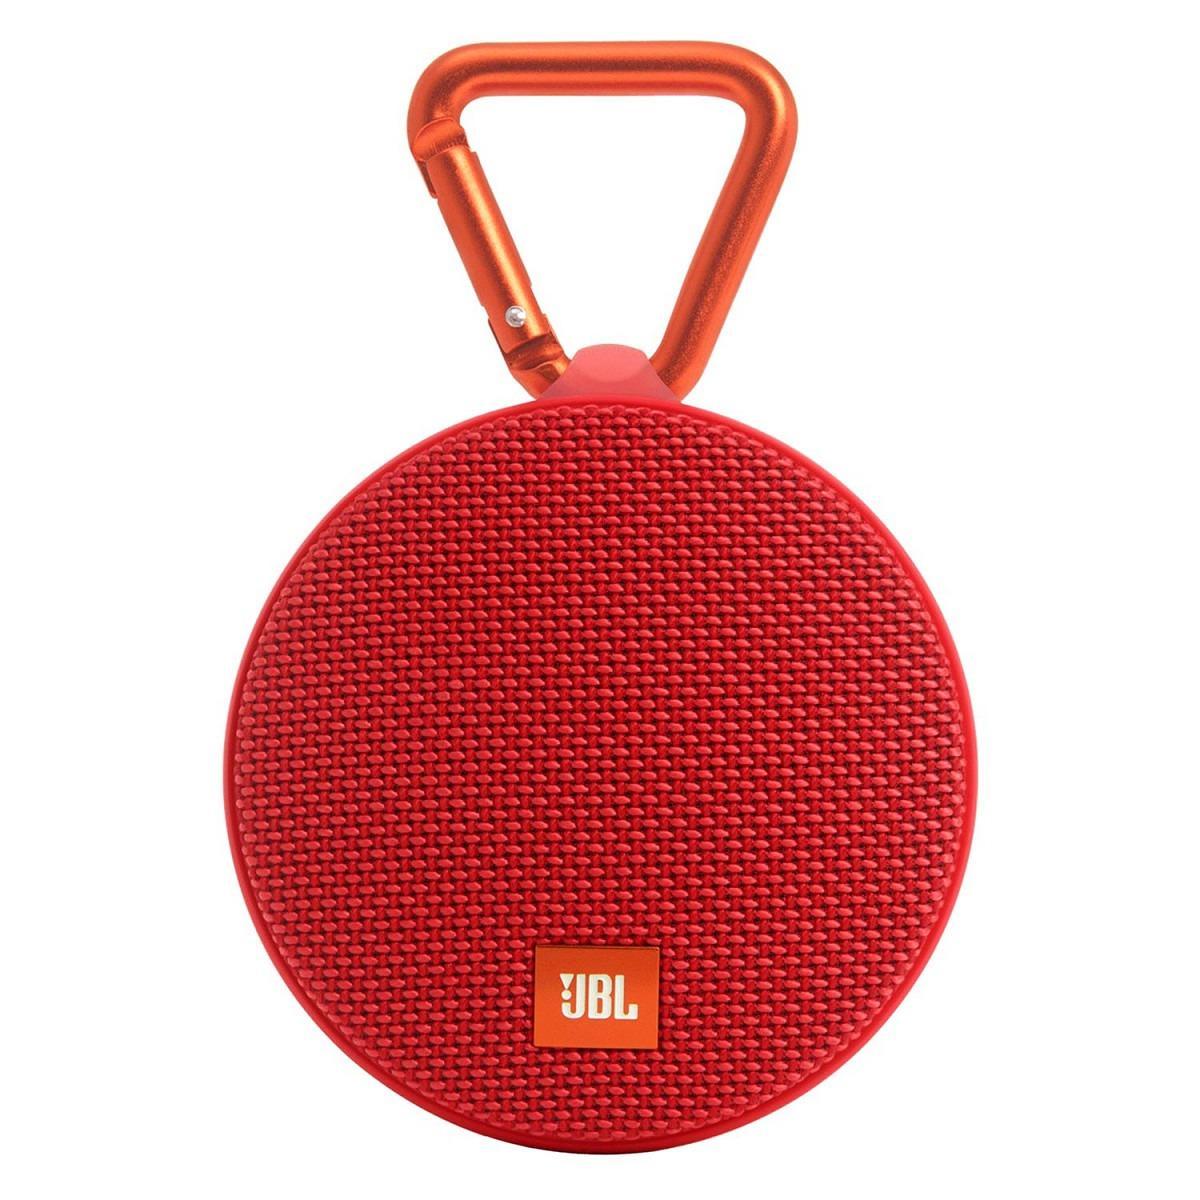 Cửa Hàng Bán Loa Bluetooth Jbl Clip 2 Đỏ